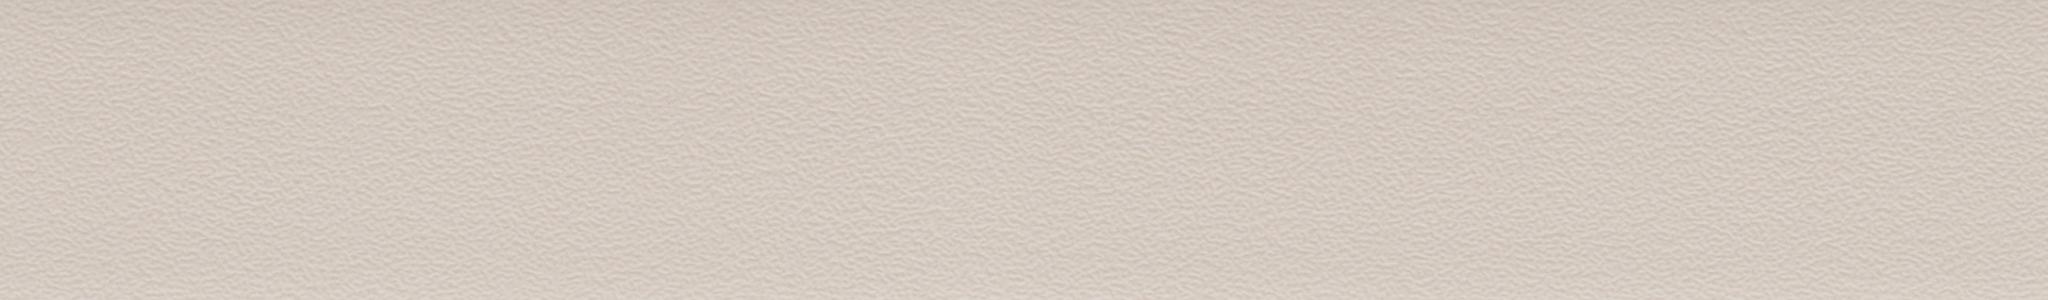 HU 187165 canto ABS marrón perla 101